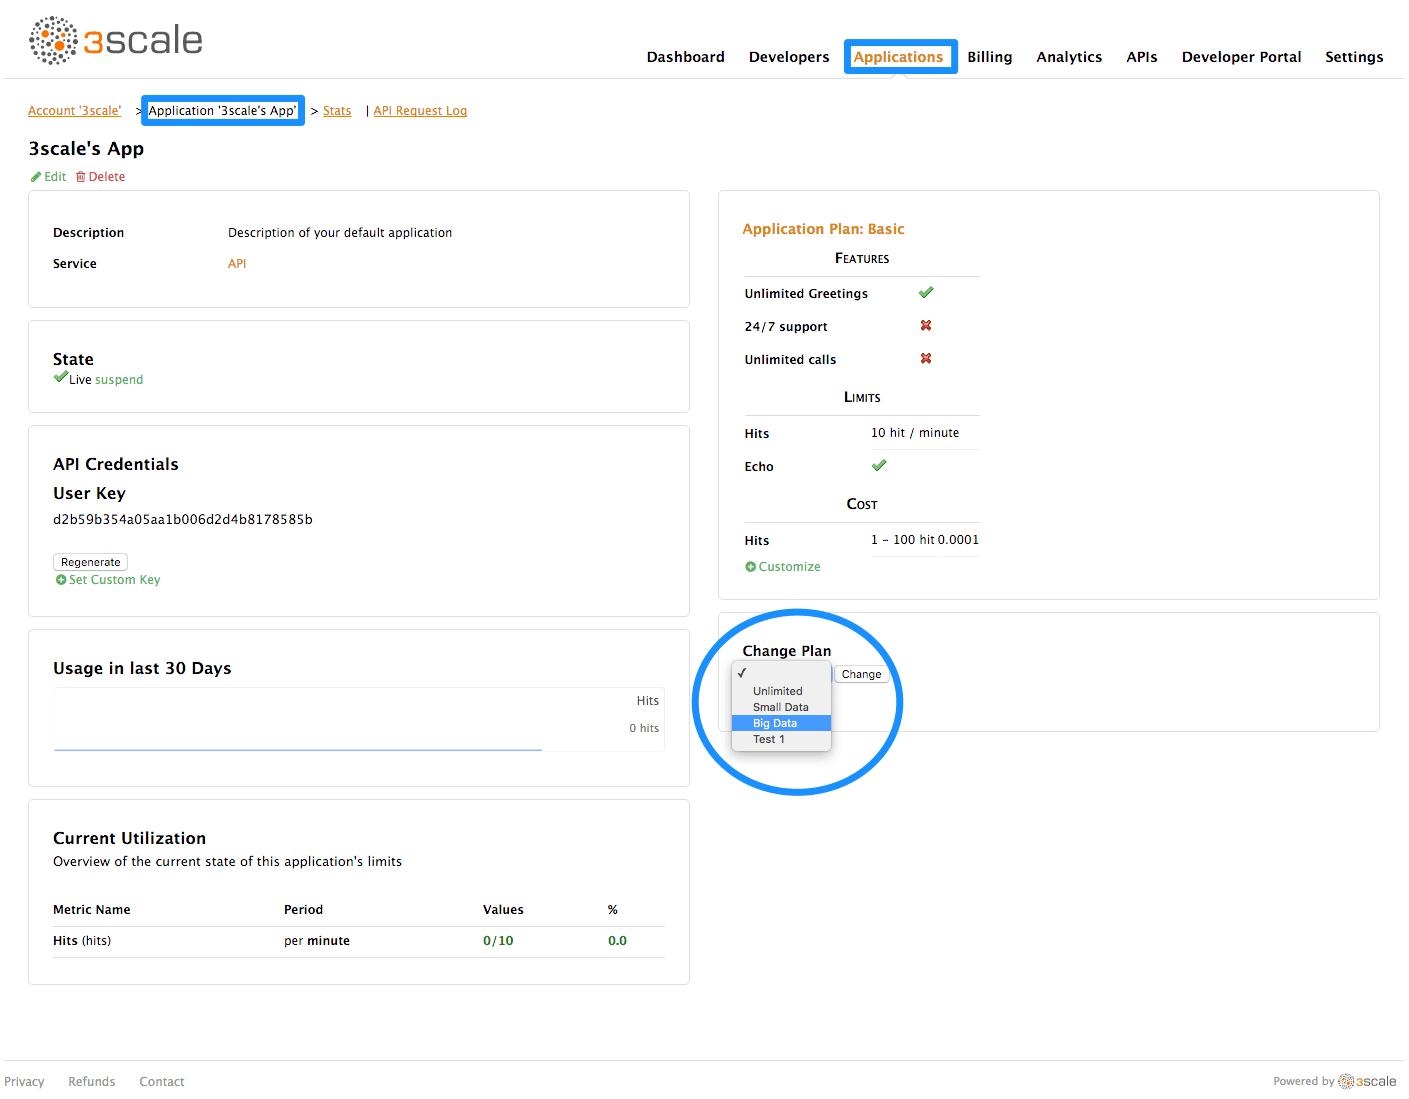 Change application plan